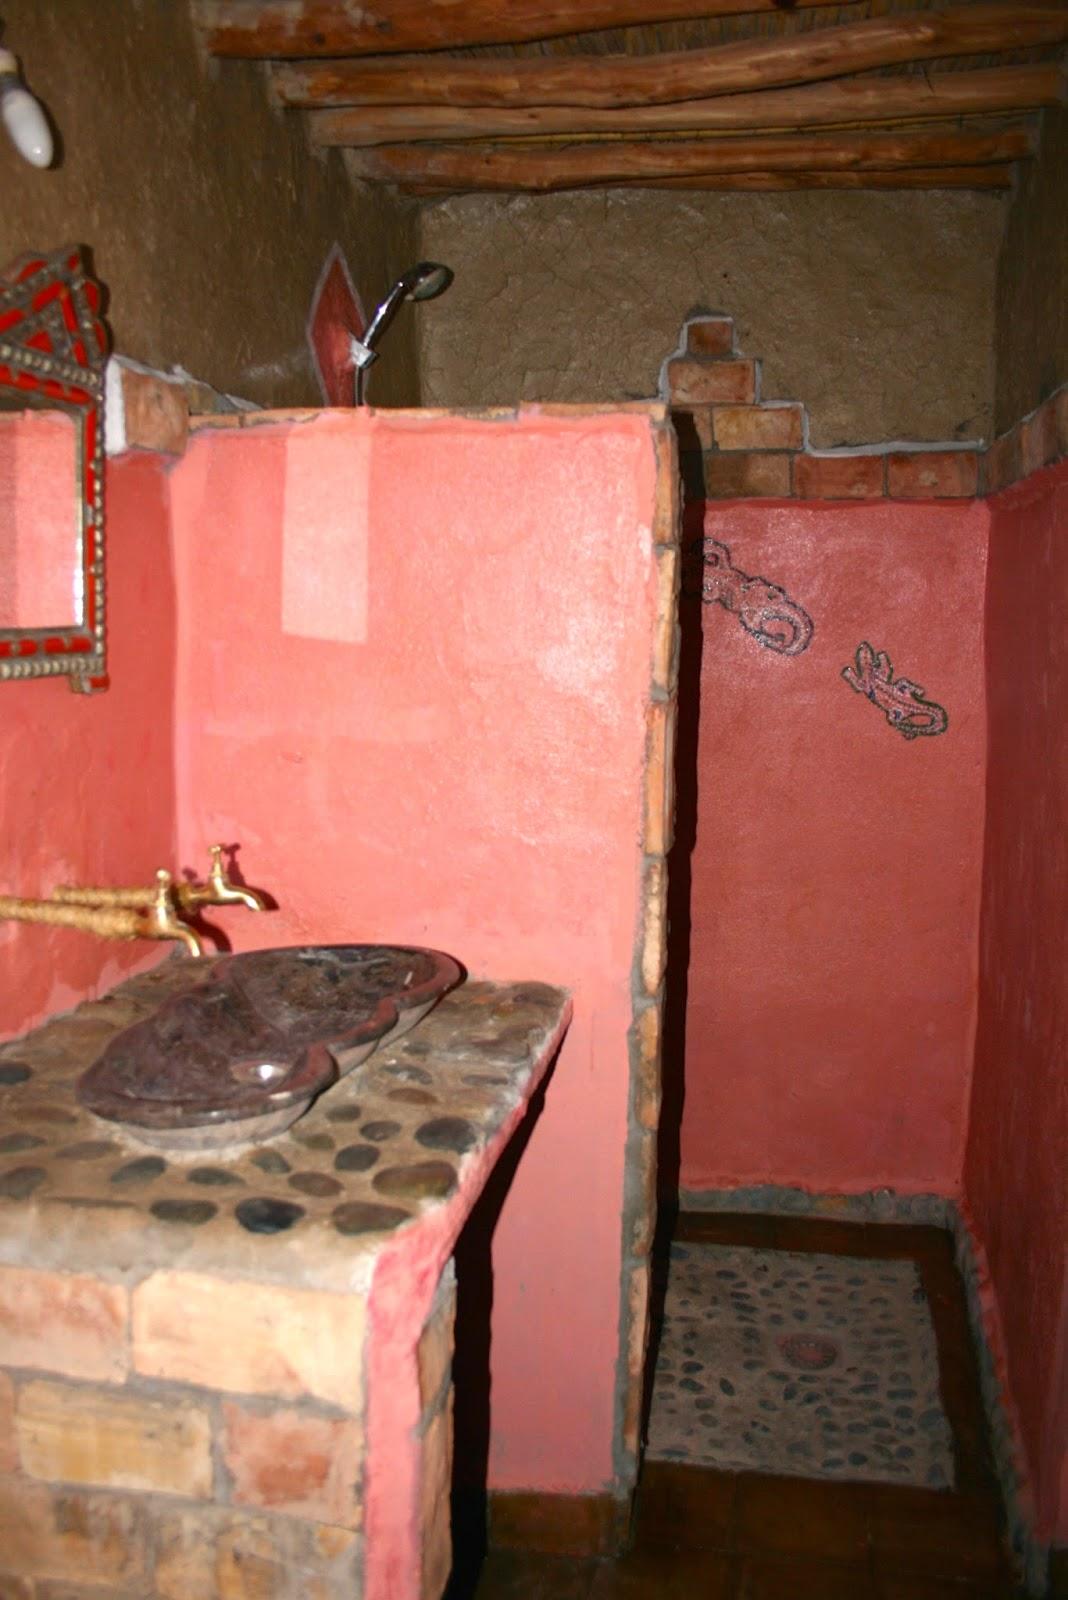 riad en merzane, kasbah luna del sur, casa rural, desierto de marruecos